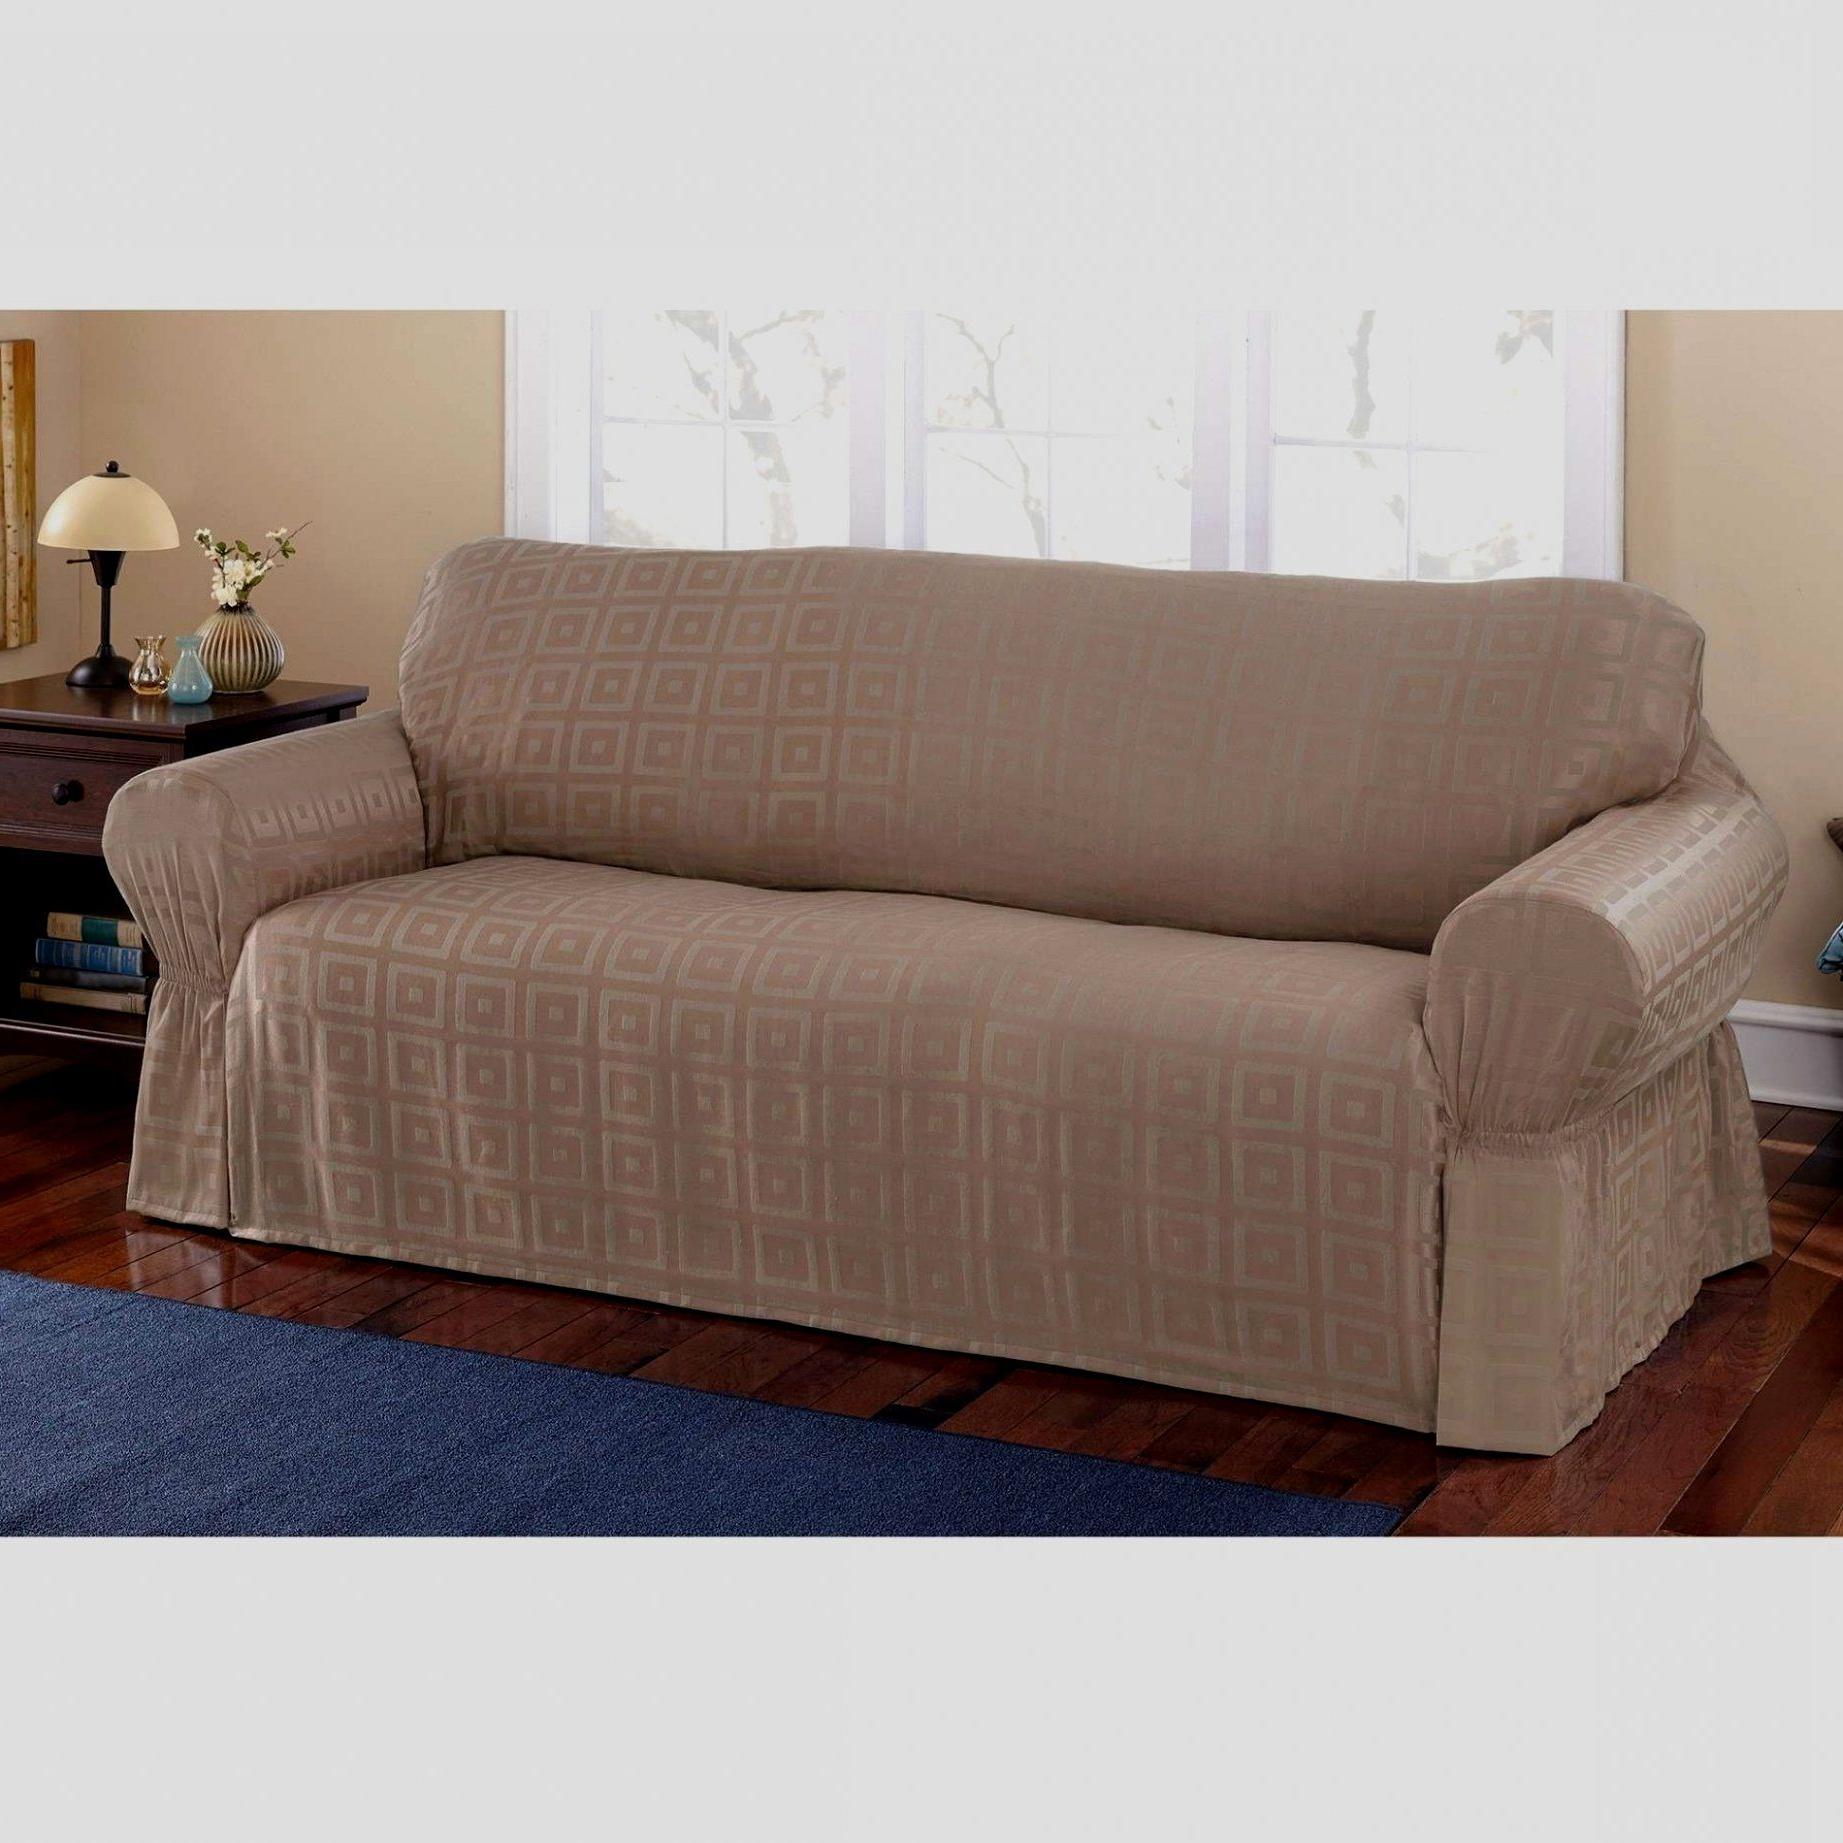 Sofas De Jardin Baratos Bqdd sofas De Jardin Baratos Hermoso Coleccià N 25 Magnifico sofa Vintage